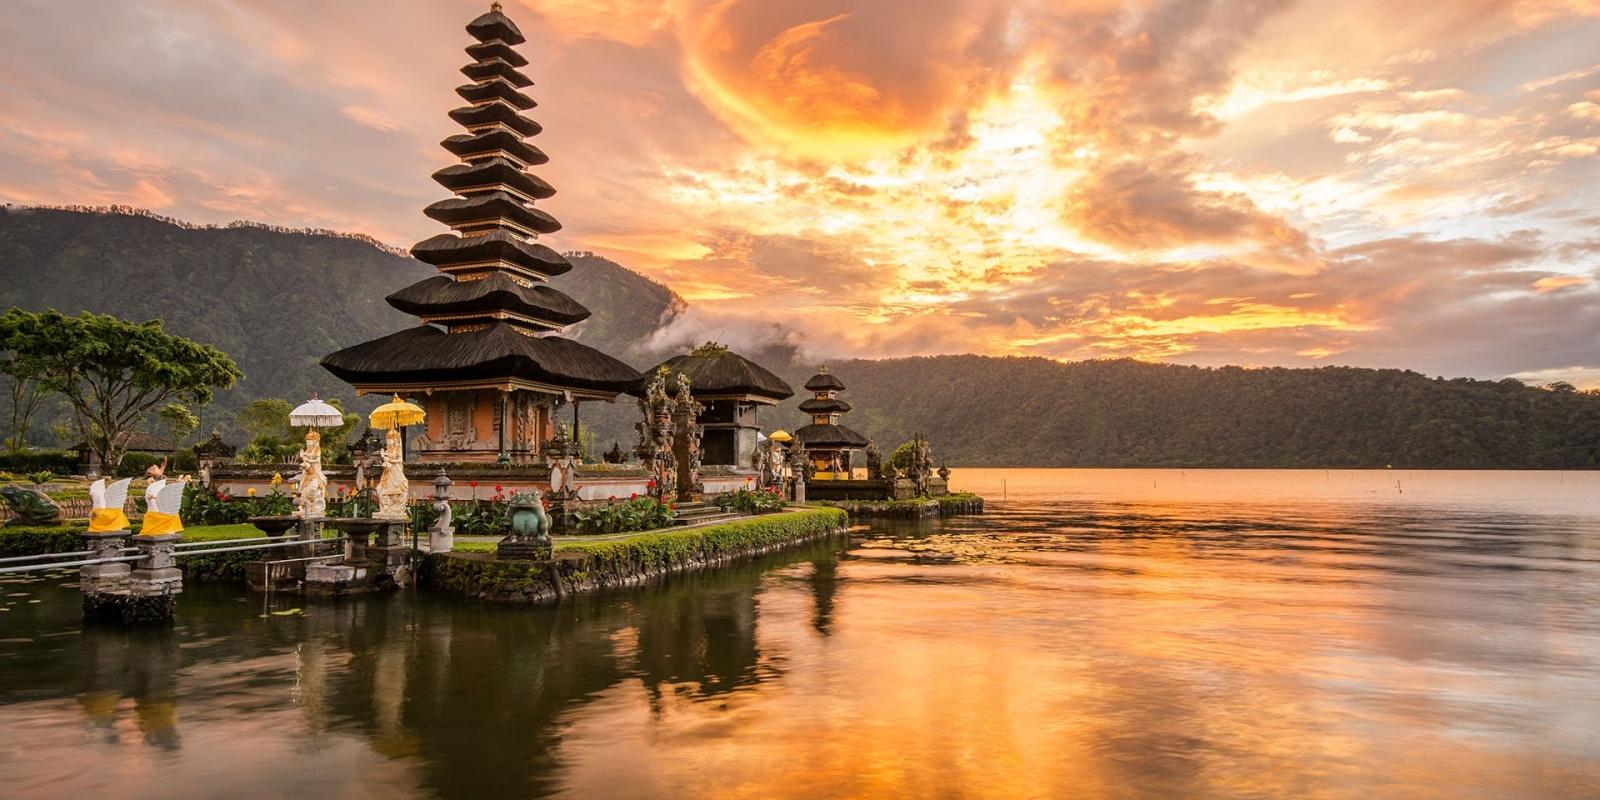 Kinh nghiệm đi bụi Indonesia ngon bổ rẻ